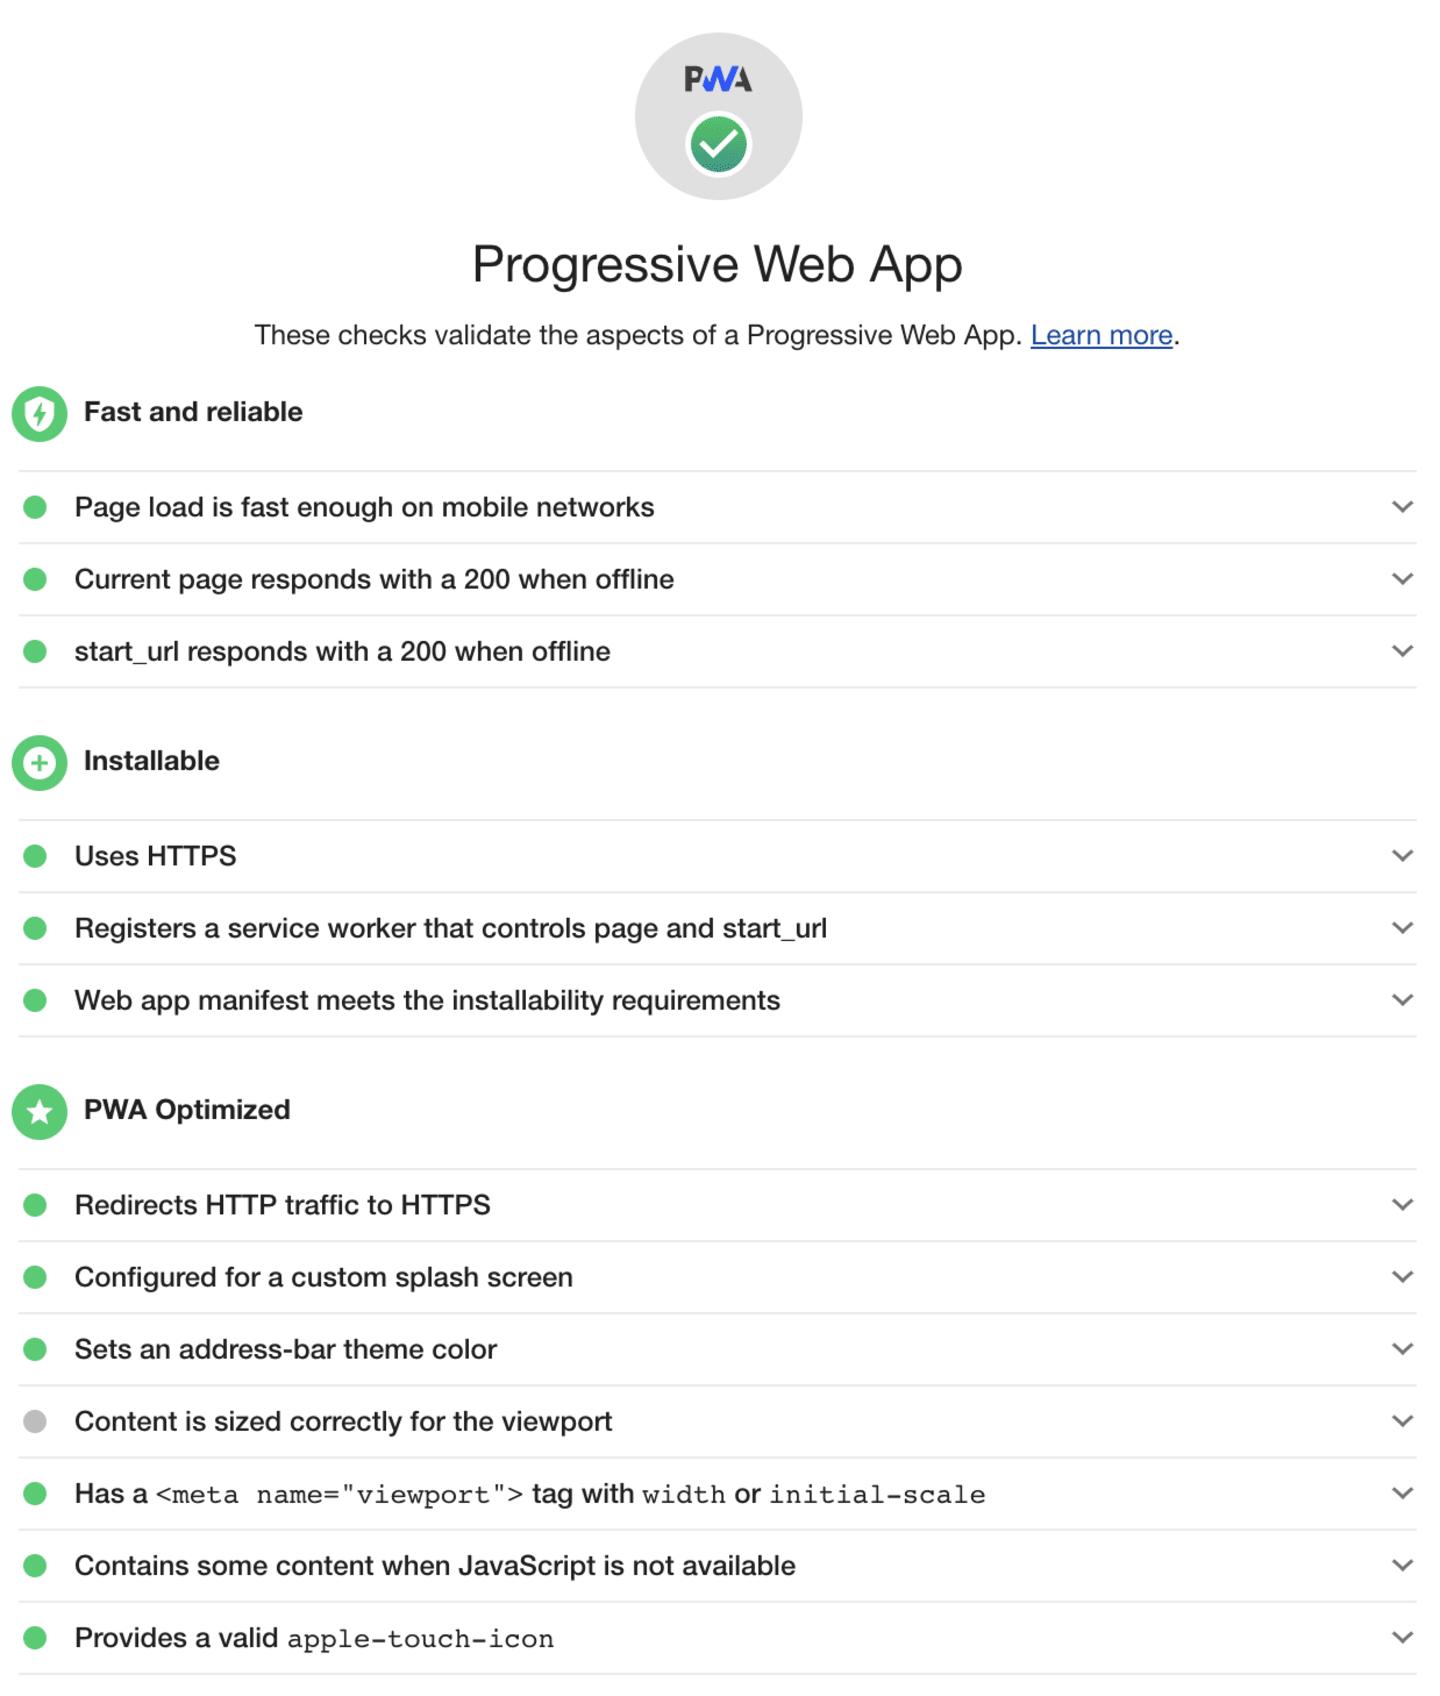 Lighthouse score for Progressive Web App after optimisation.